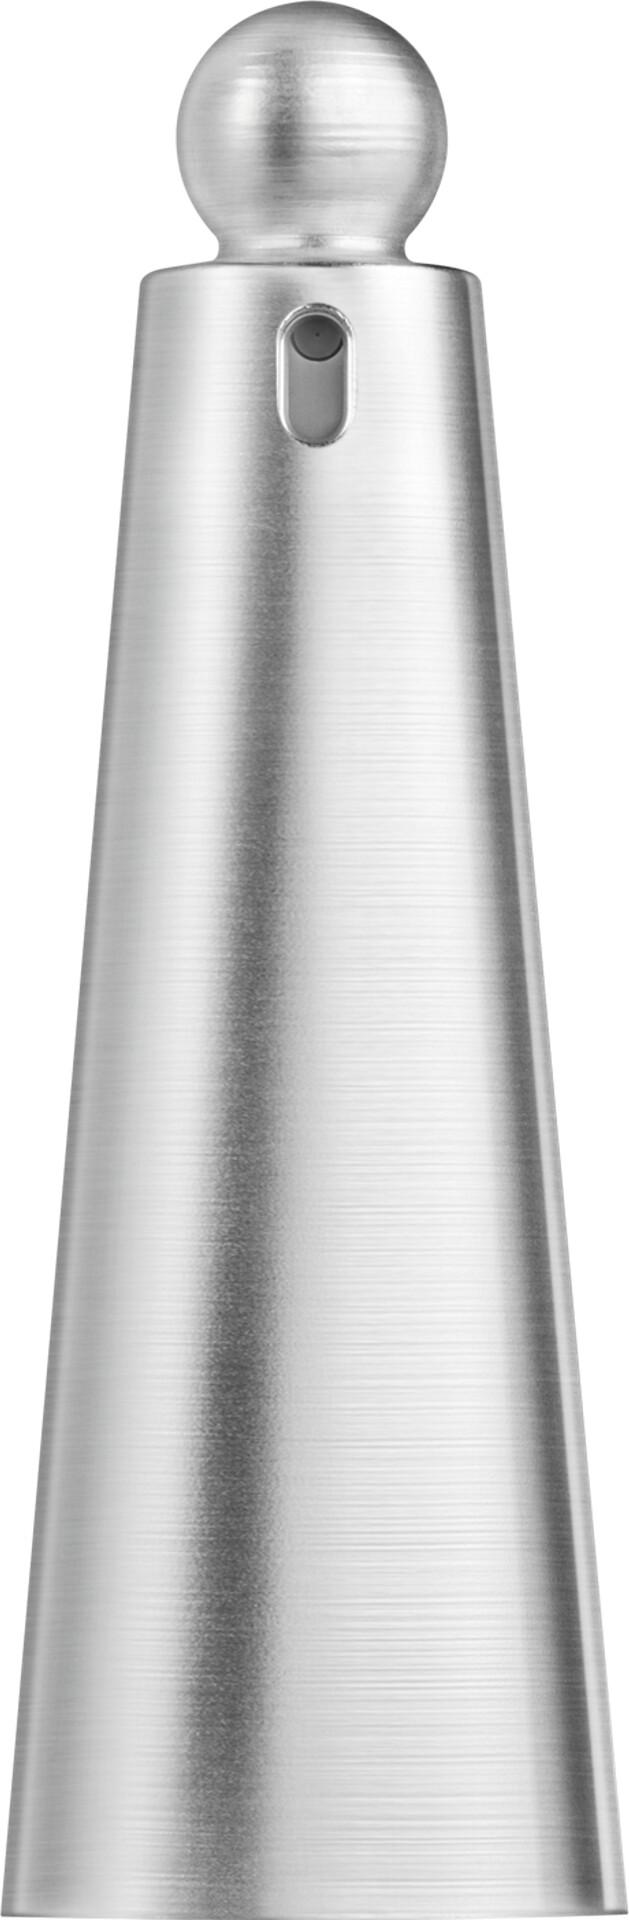 Fragrance Issey Miyake L'Eau d'Issey IGO Eau de Toilette Spray Cap 20ml